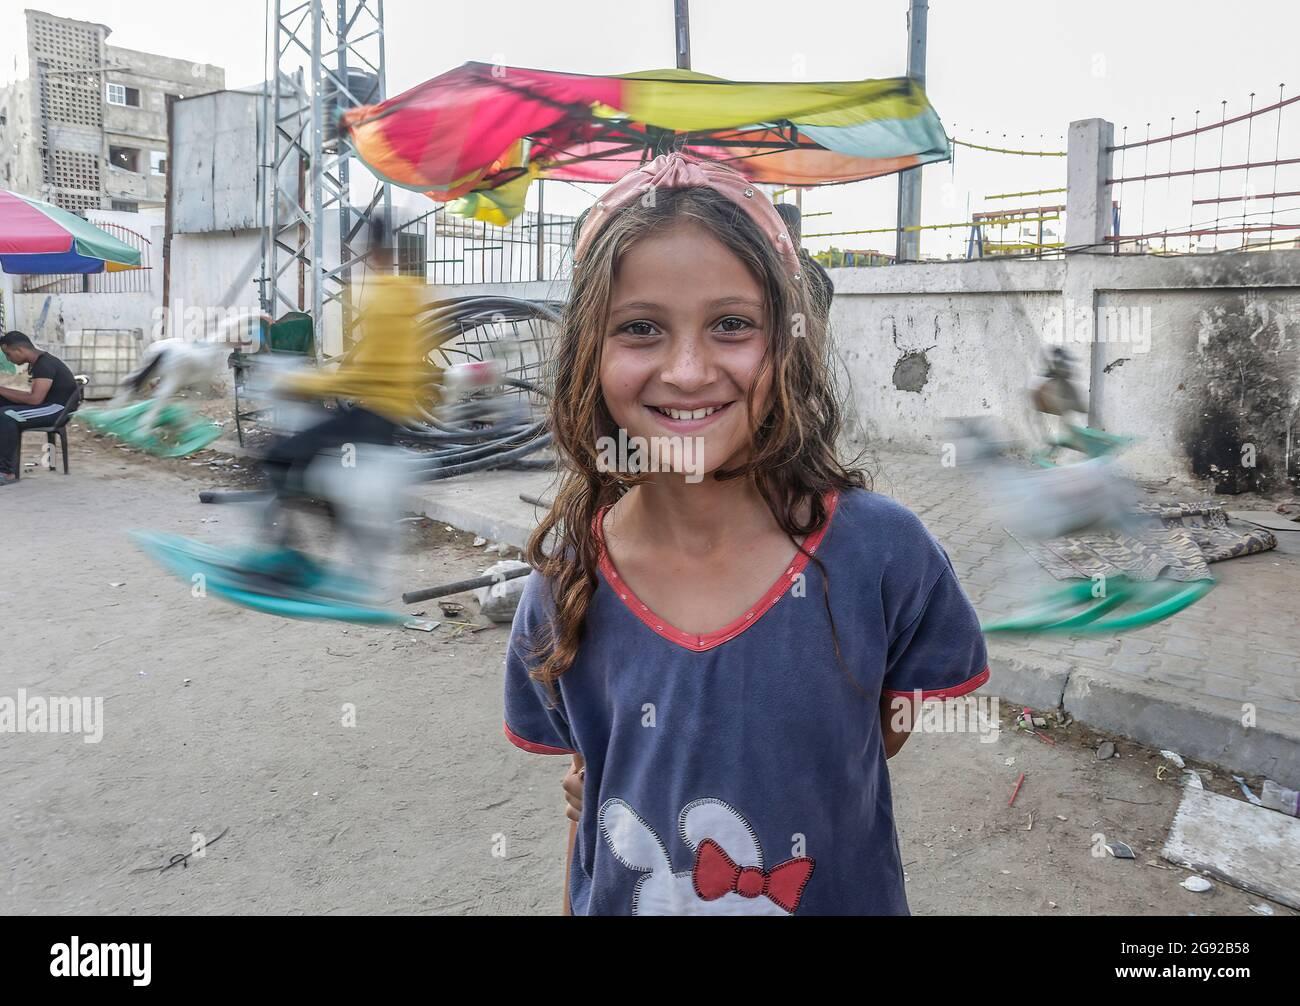 Gaza, Palestina. 22 luglio 2021. Una ragazza palestinese si trova fuori dalla sua casa nella città di Beit Hanoun, nella striscia di Gaza settentrionale. Credit: SOPA Images Limited/Alamy Live News Foto Stock